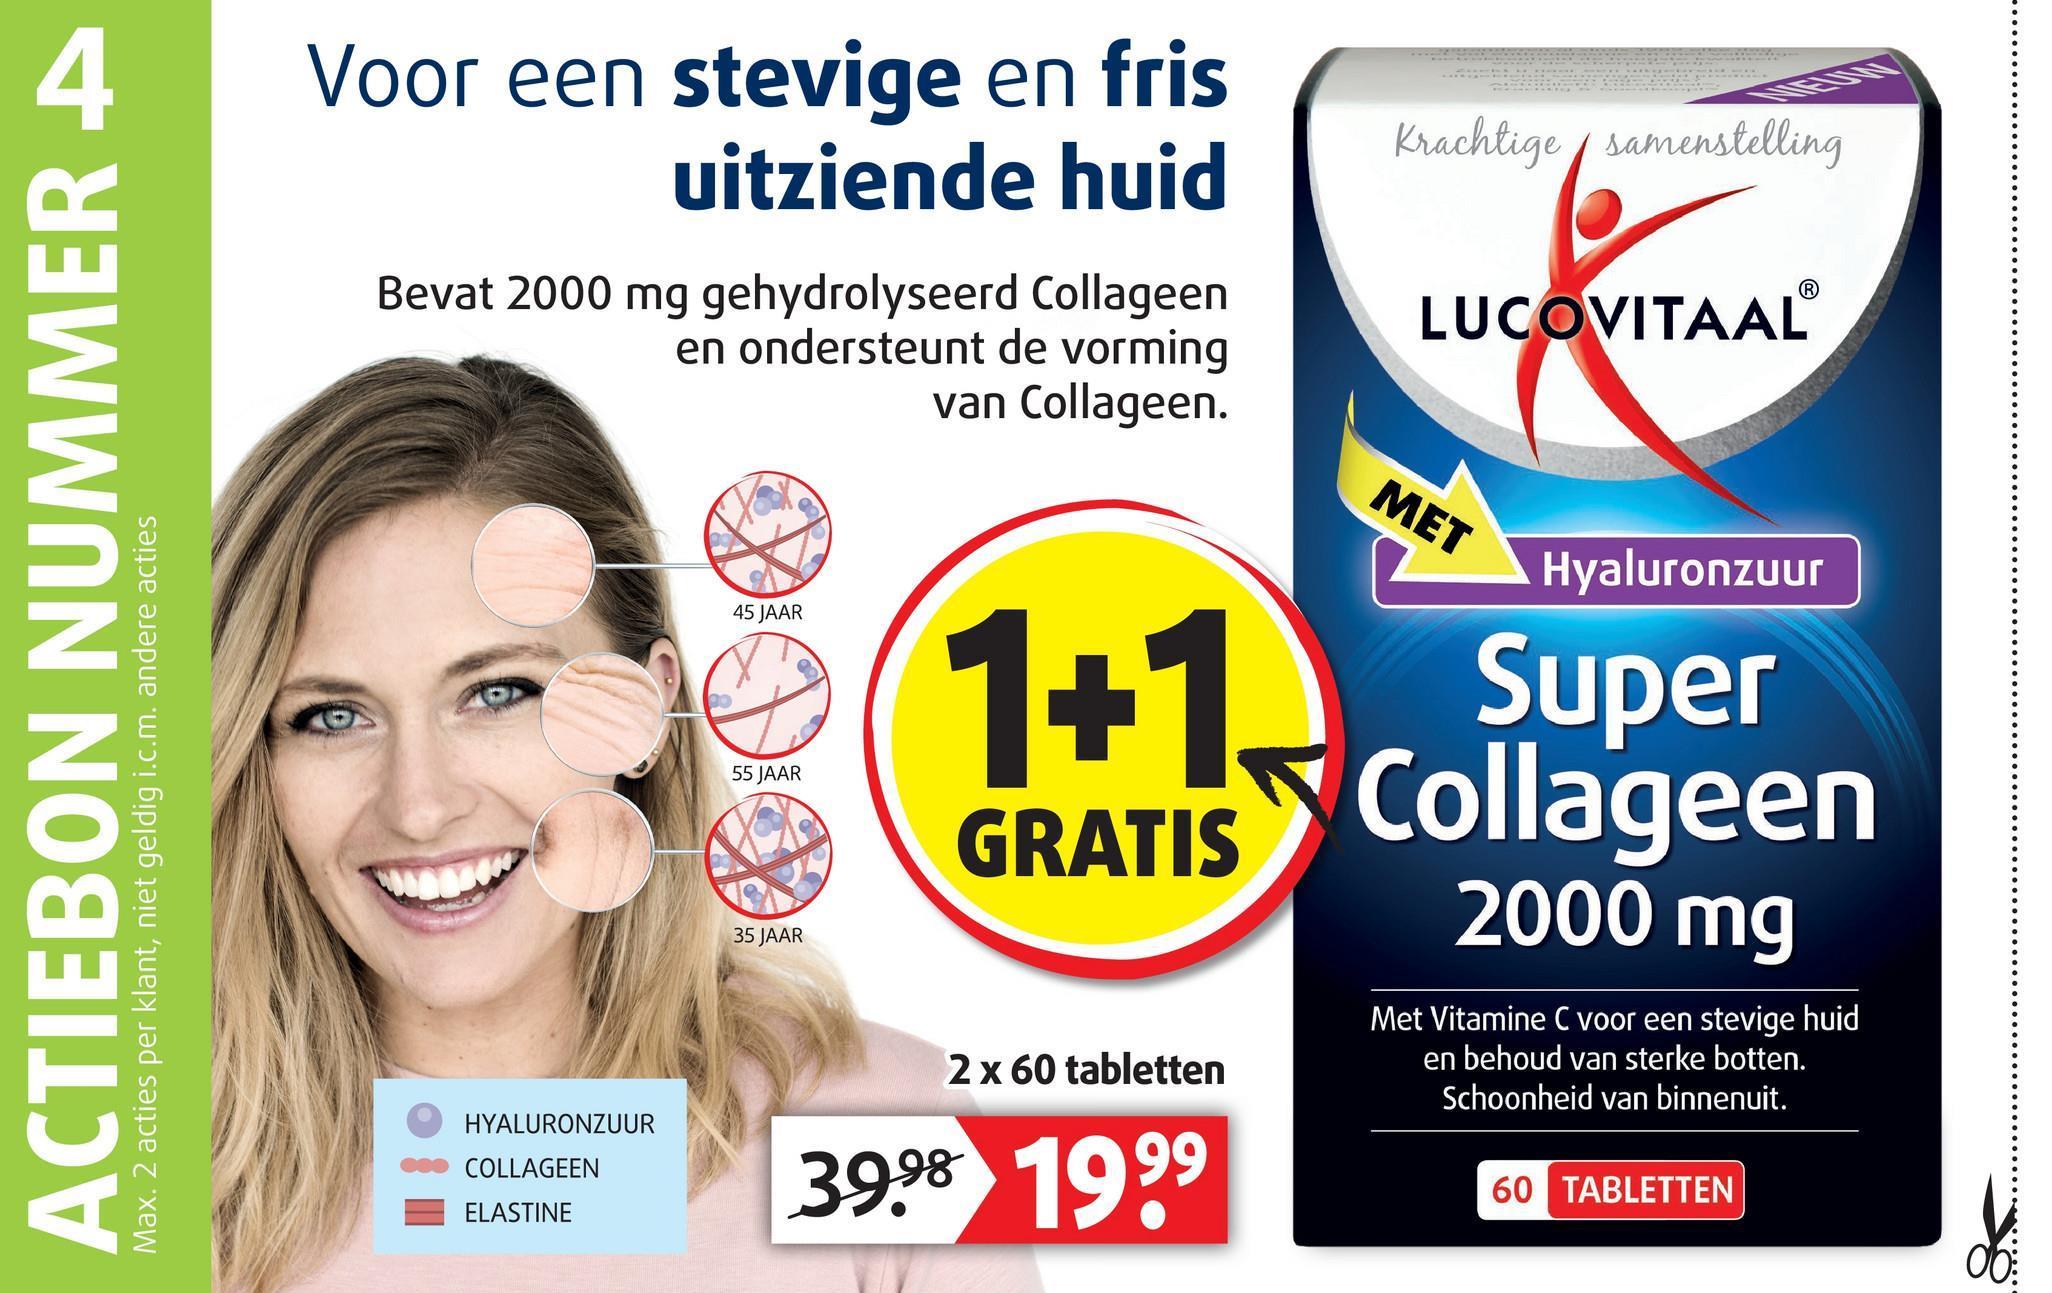 Voor een stevige en fris uitziende huid Krachtige / samenstelling Bevat 2000 mg gehydrolyseerd Collageen en ondersteunt de vorming van Collageen. LUCOVITAAL MET Hyaluronzuur 45 JAAR ACTIEBON NUMMER A Super 55 JAAR Max. 2 acties per klant, niet geldig i.c.m. andere acties GRATIS Y Collageen 2000 mg 35 JAAR 2 x 60 tabletten Met Vitamine C voor een stevige huid en behoud van sterke botten. Schoonheid van binnenuit. e com HYALURONZUUR COLLAGEEN 3998 1999 60 TABLETTEN a recen ELASTINE